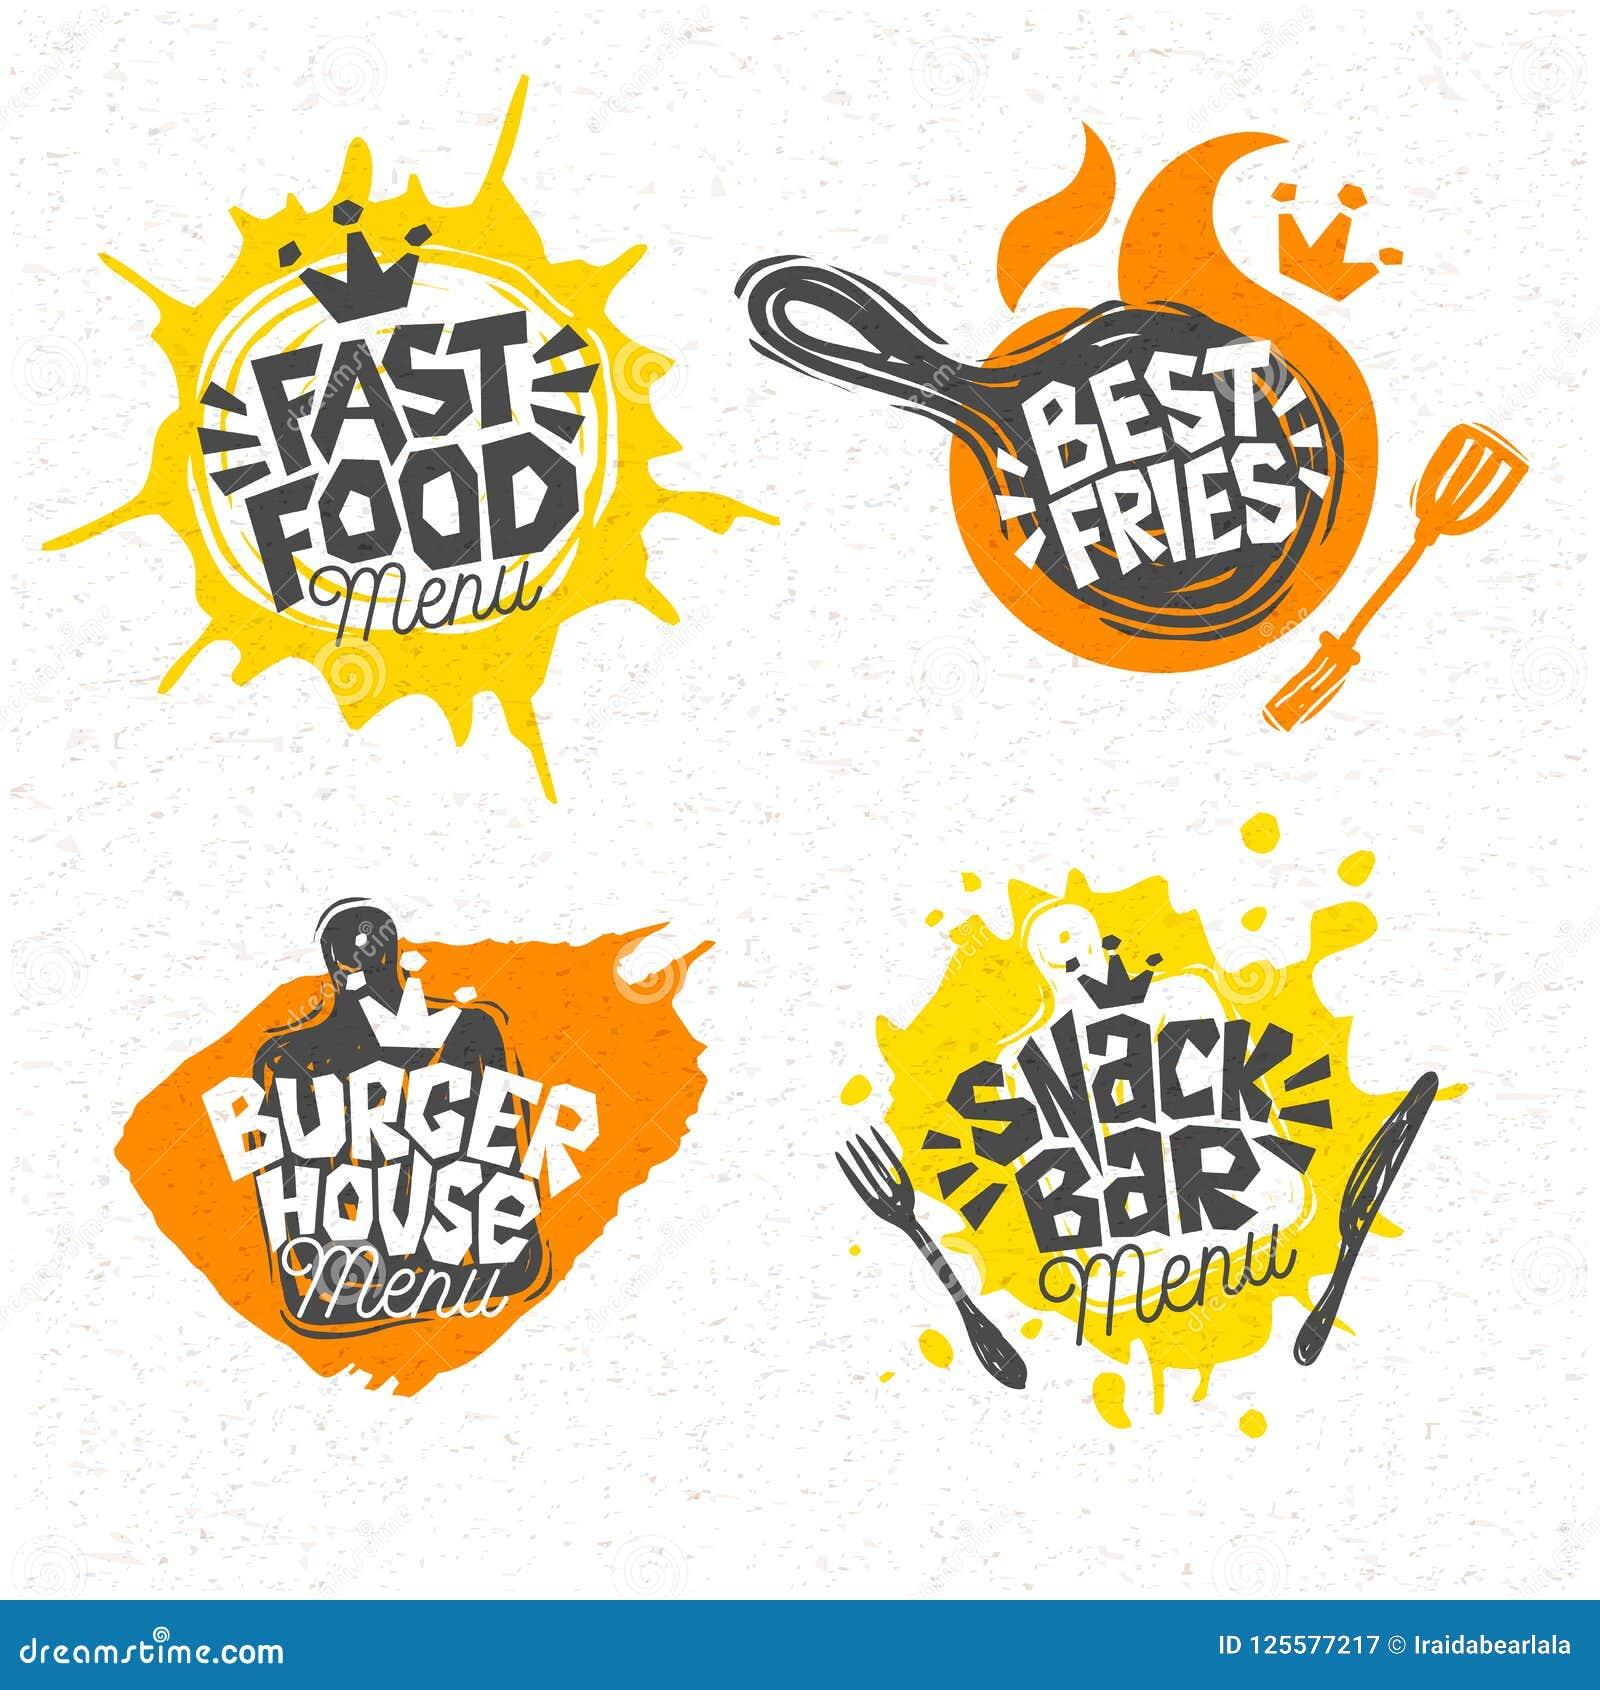 Фаст-фуд, дом бургера, самая лучшая пицца, фраи, логотип, знаки, символы, эмблемы, ярлыки, помечая буквами